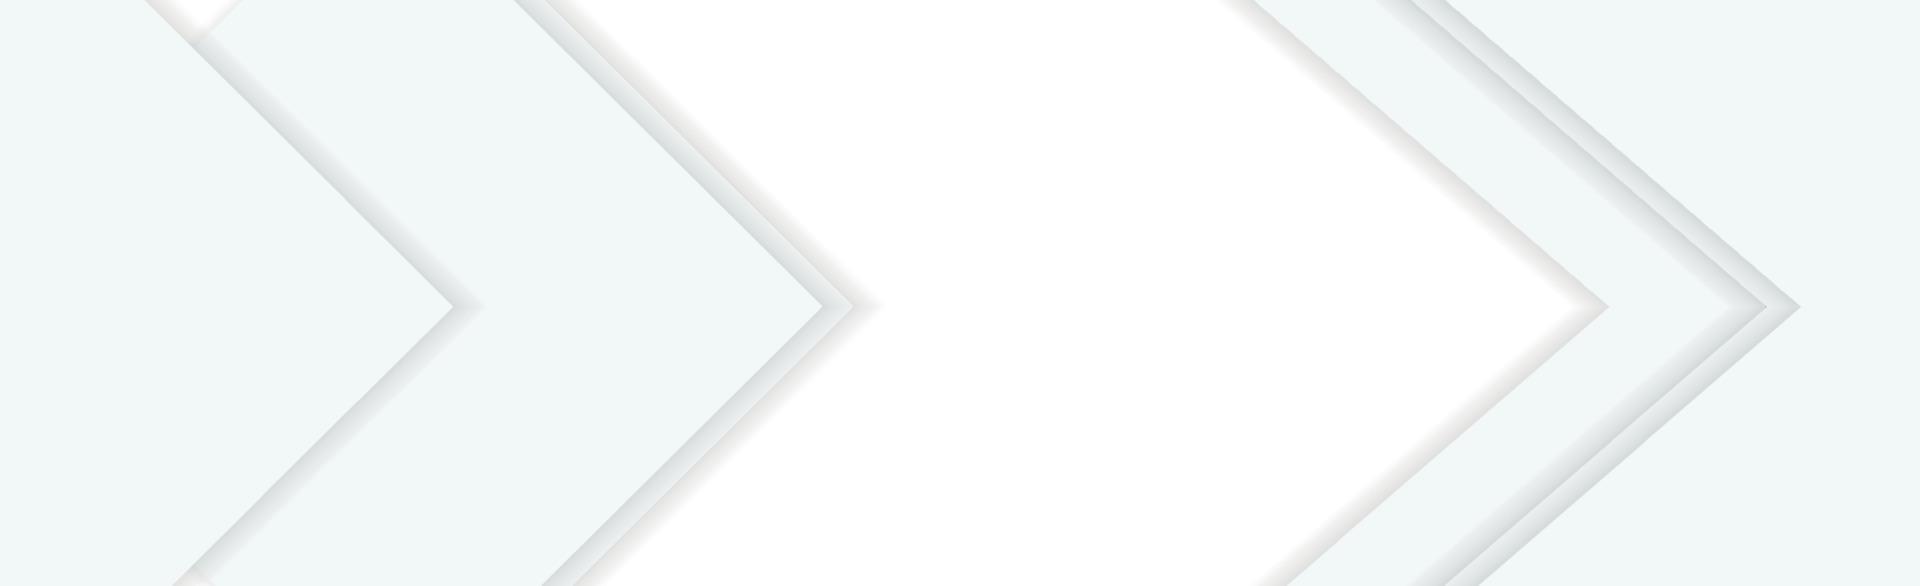 witte vector panoramische achtergrond met lijnen